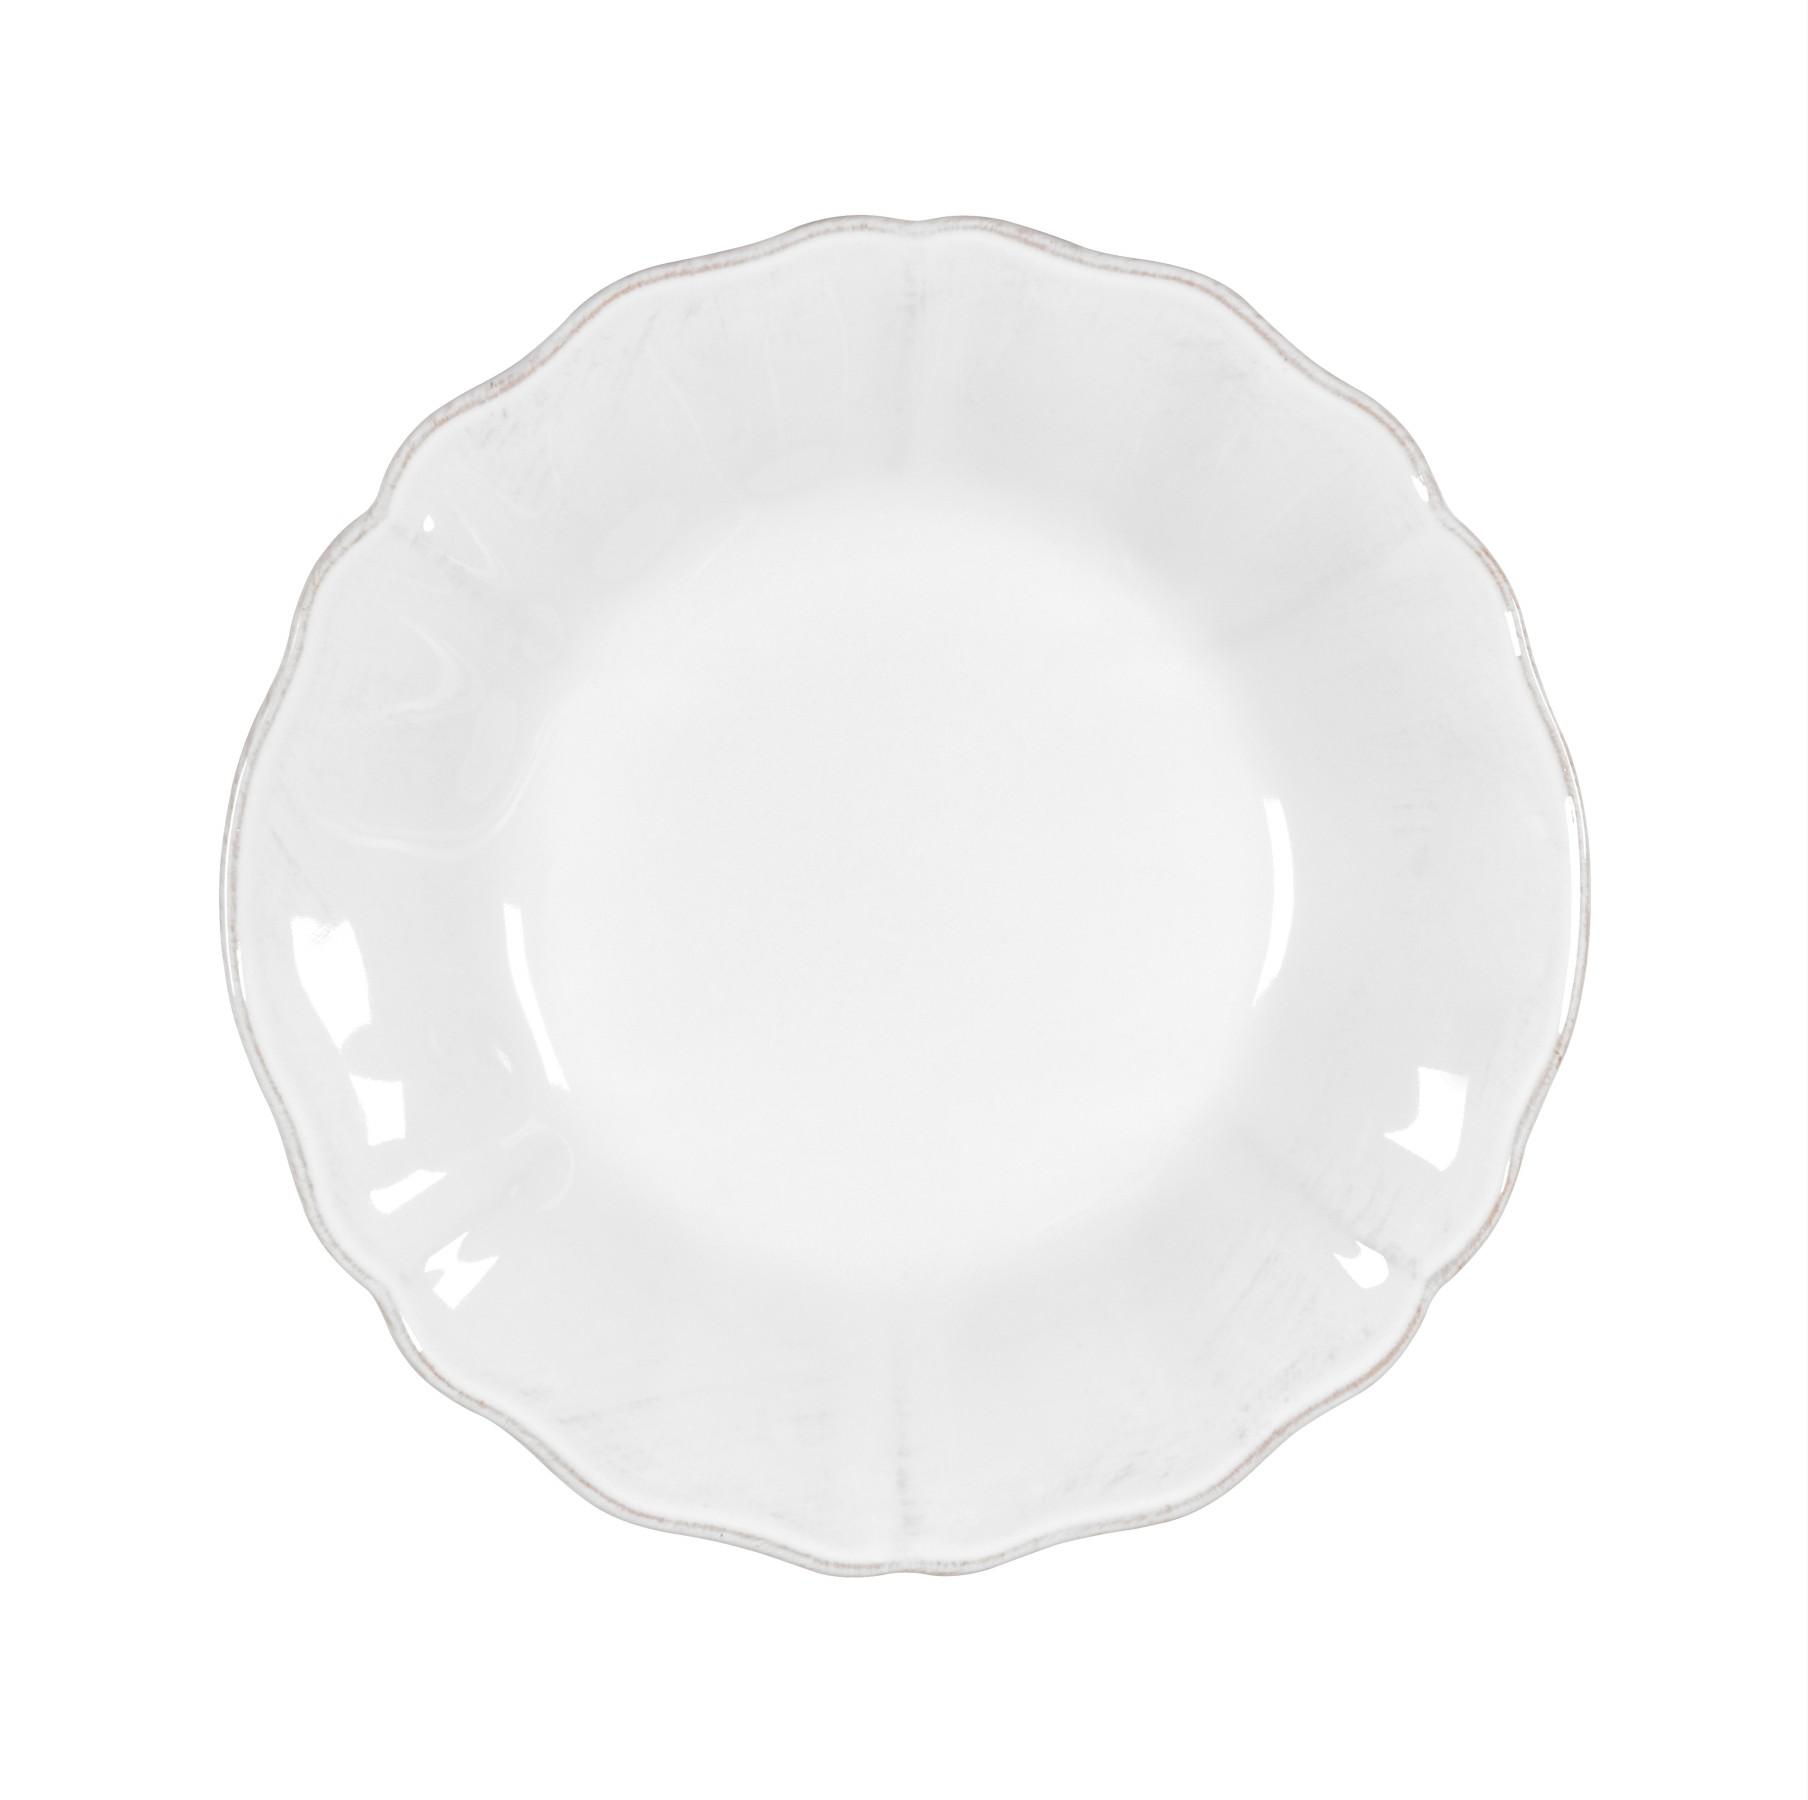 COSTA NOVA Polévkový talíř Alentejo 24cm